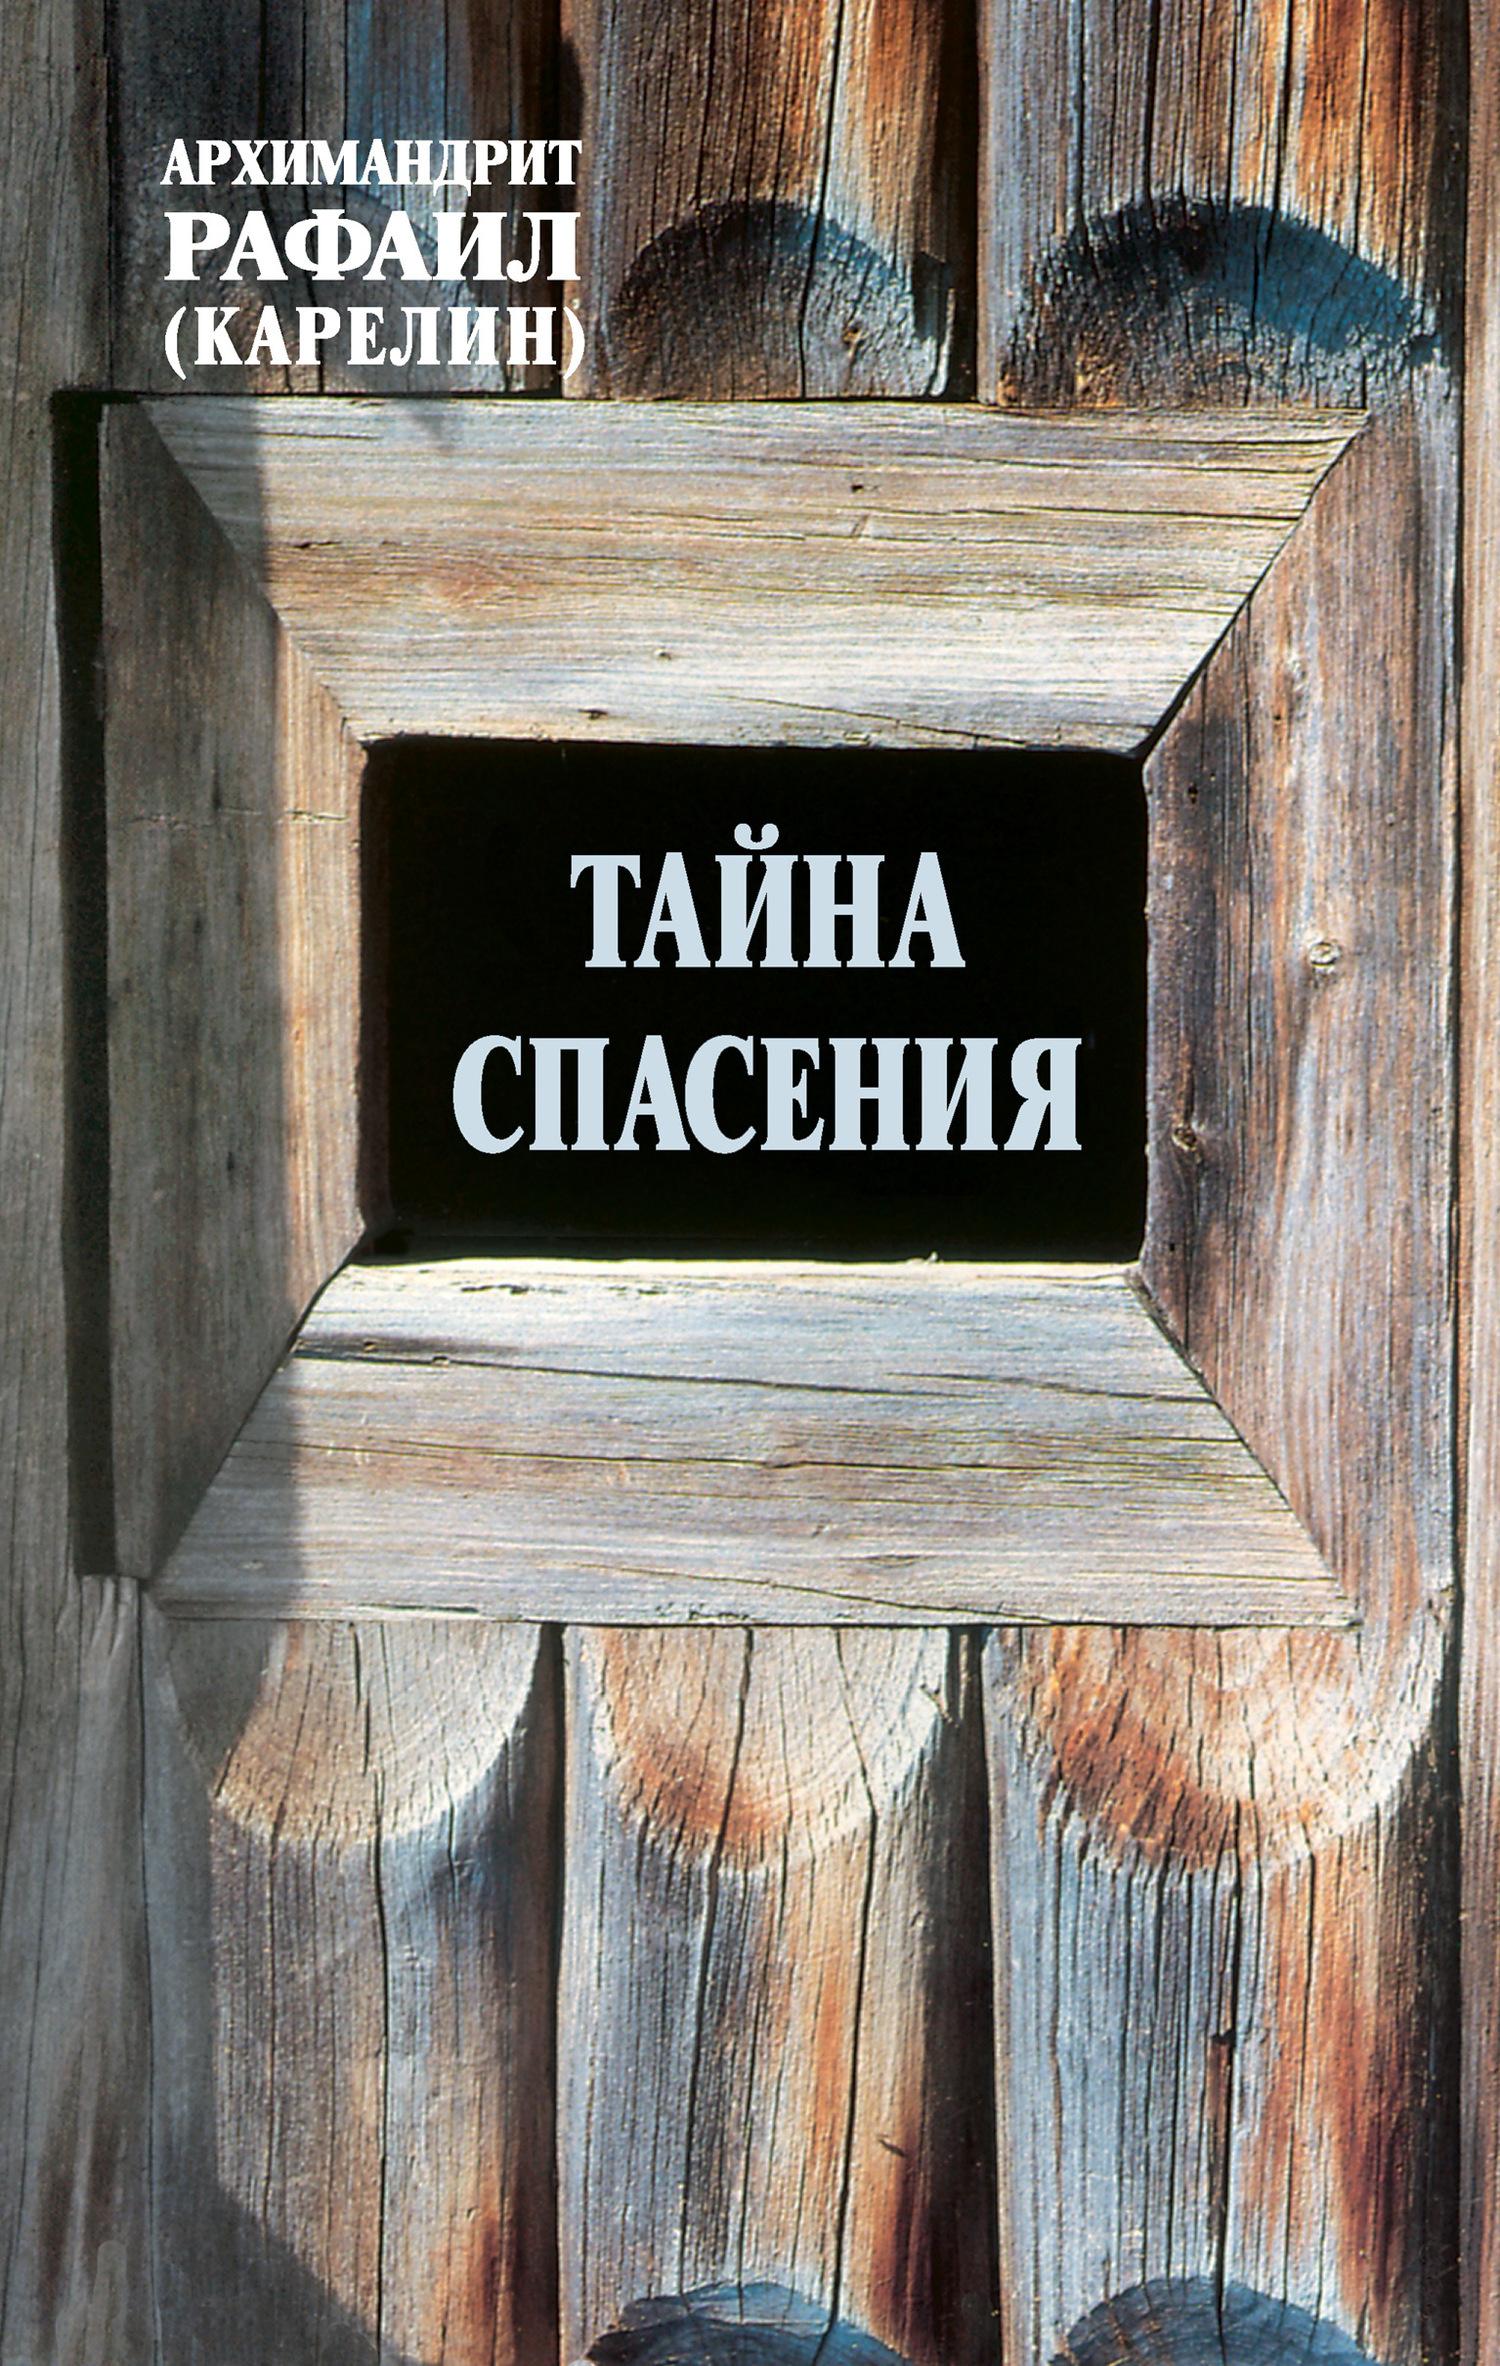 архимандрит Рафаил (Карелин) Тайна спасения: Беседы о духовной жизни. Из воспоминаний метафизична тайна жизни